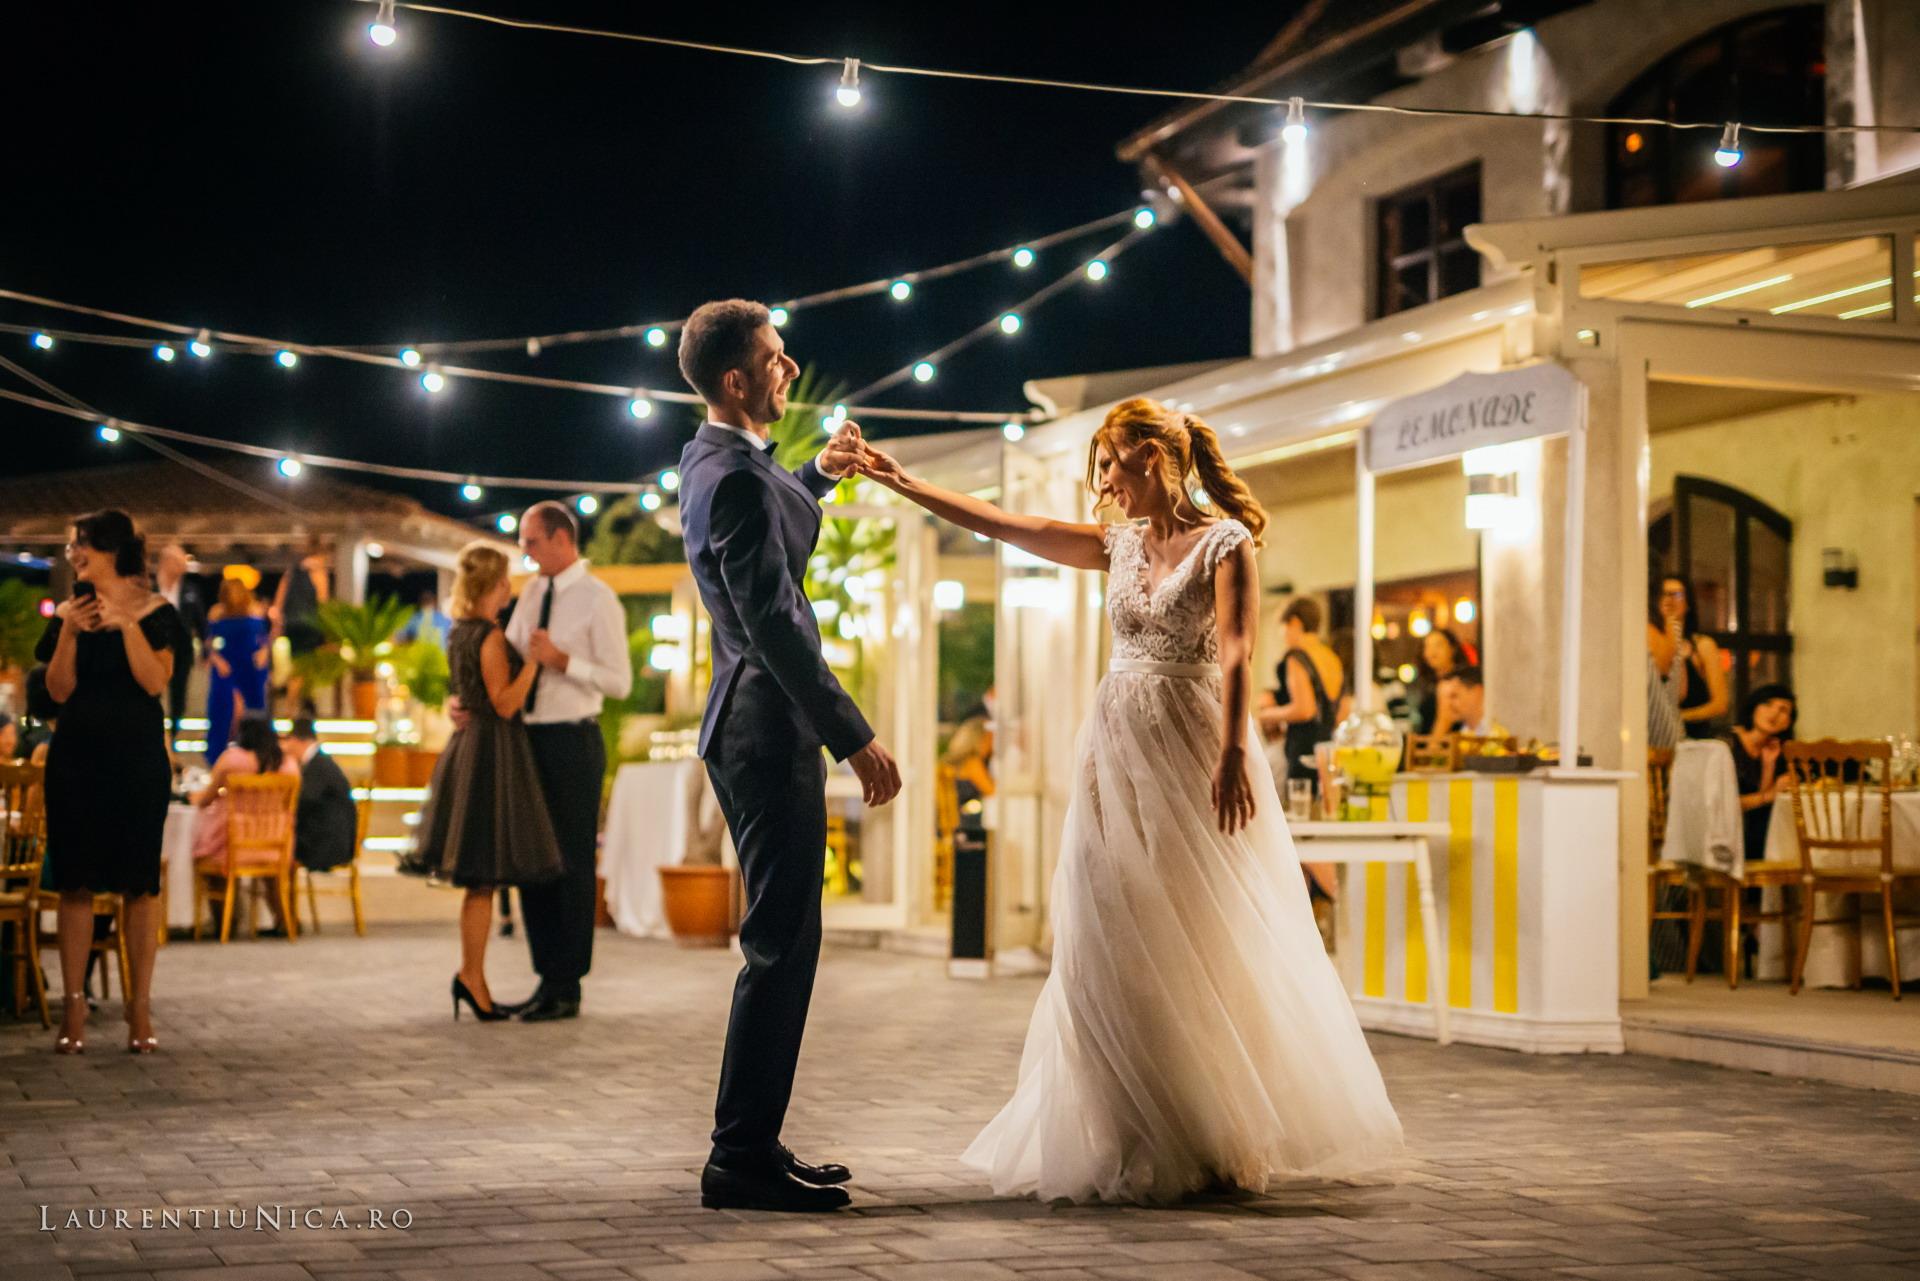 carolina si sorin craiova fotograf nunta laurentiu nica69 - Carolina & Sorin | Fotografii nunta